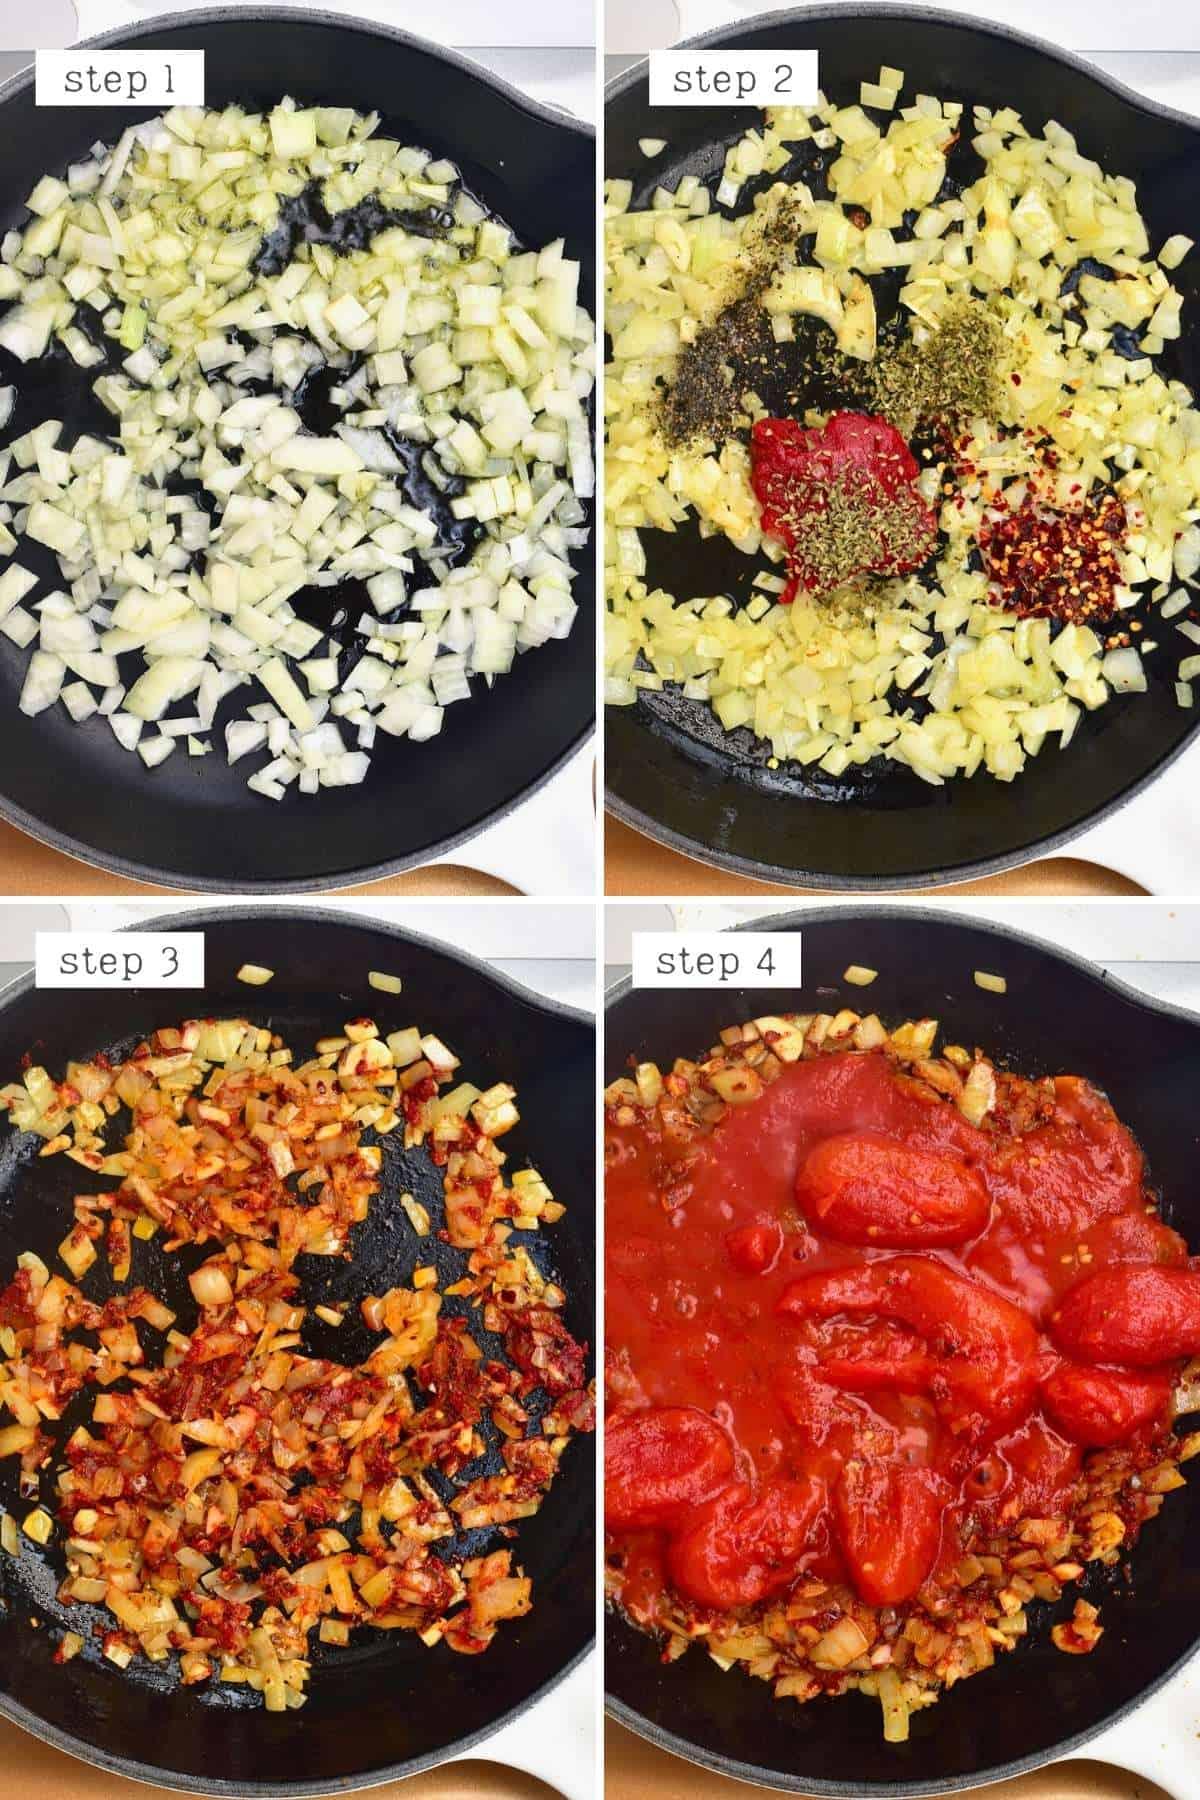 Steps for preparing tomato eggplant pasta